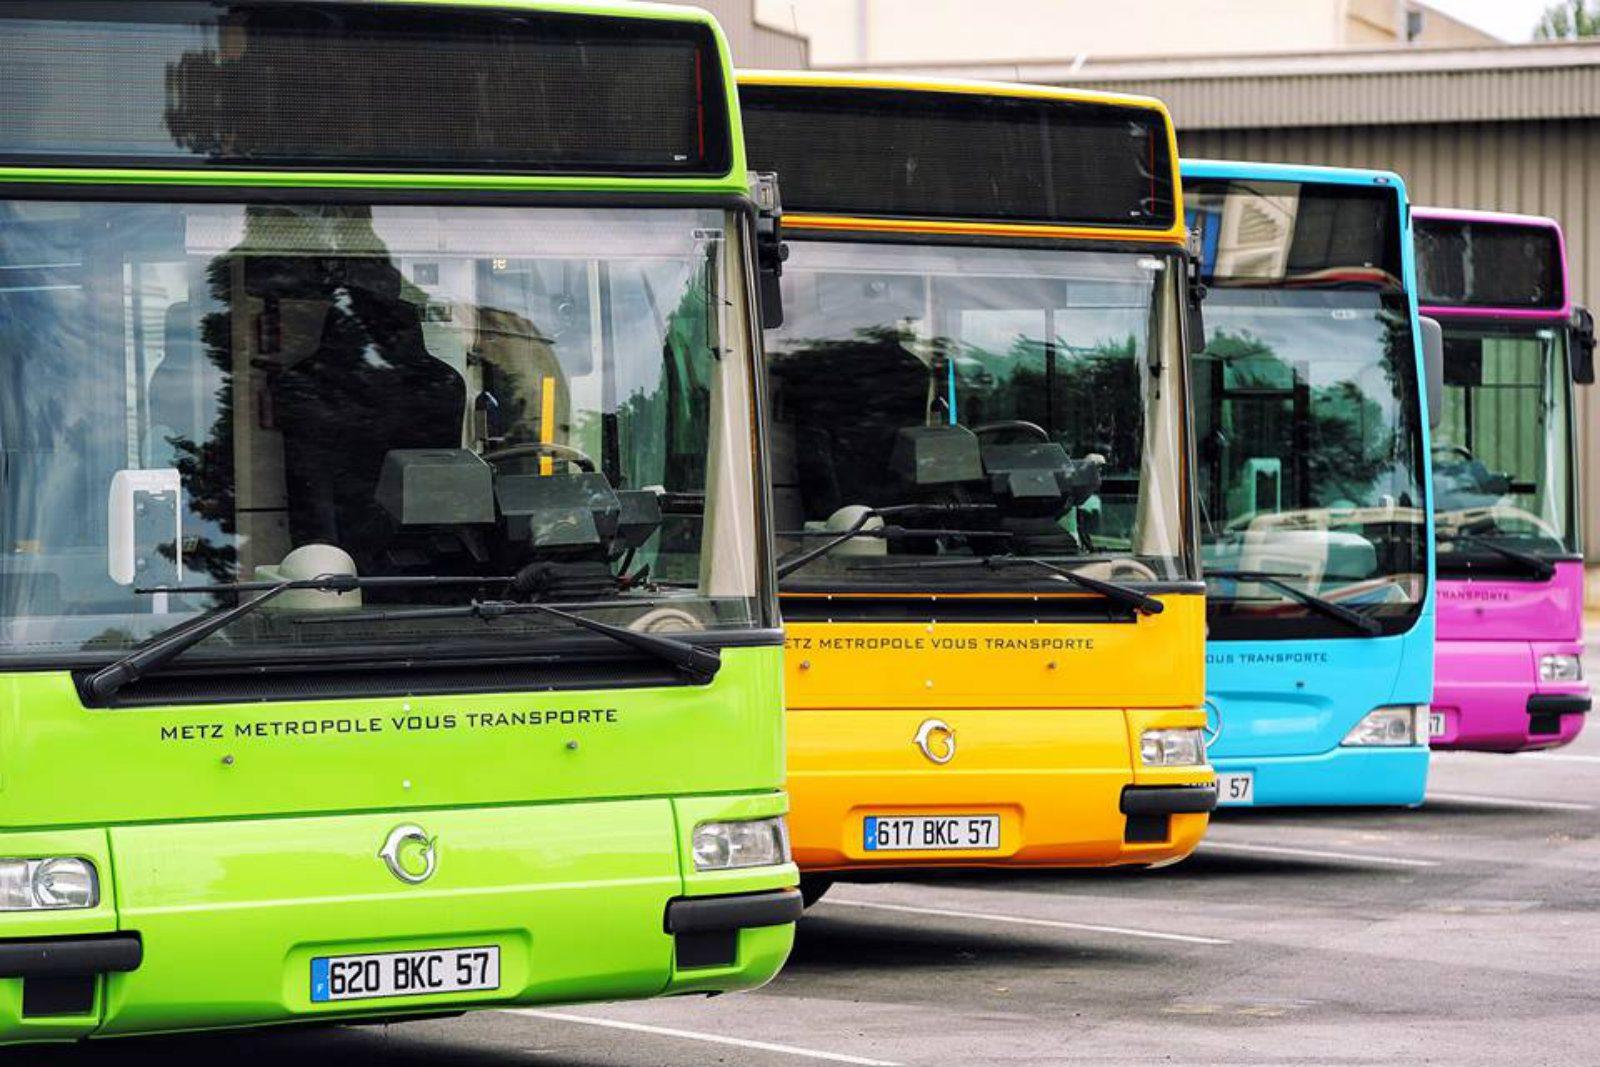 Metz Métropole : les horaires des bus changent cet été